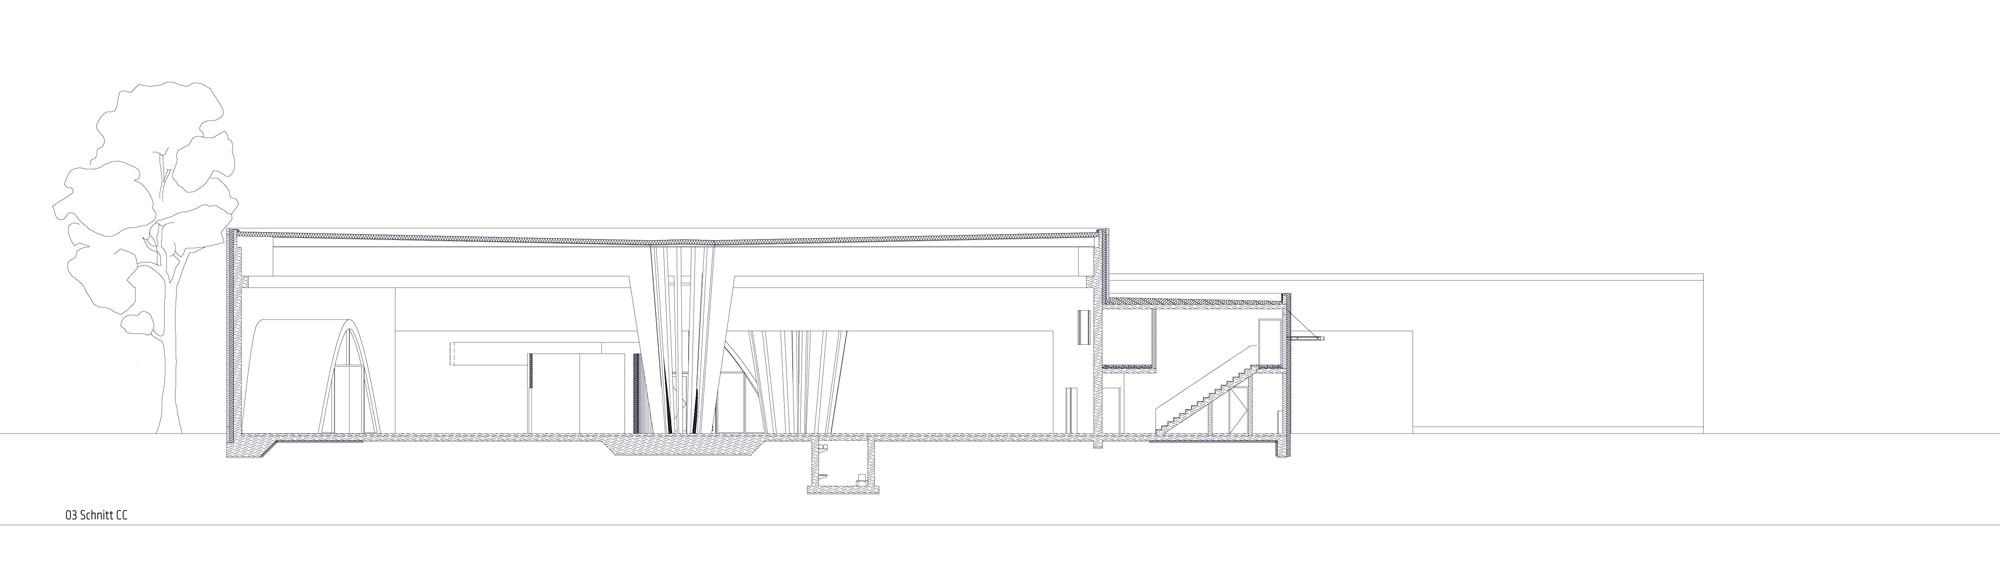 Supermarkt in oldenburg mauerwerk gewerbe industrie - Neun grad architektur ...